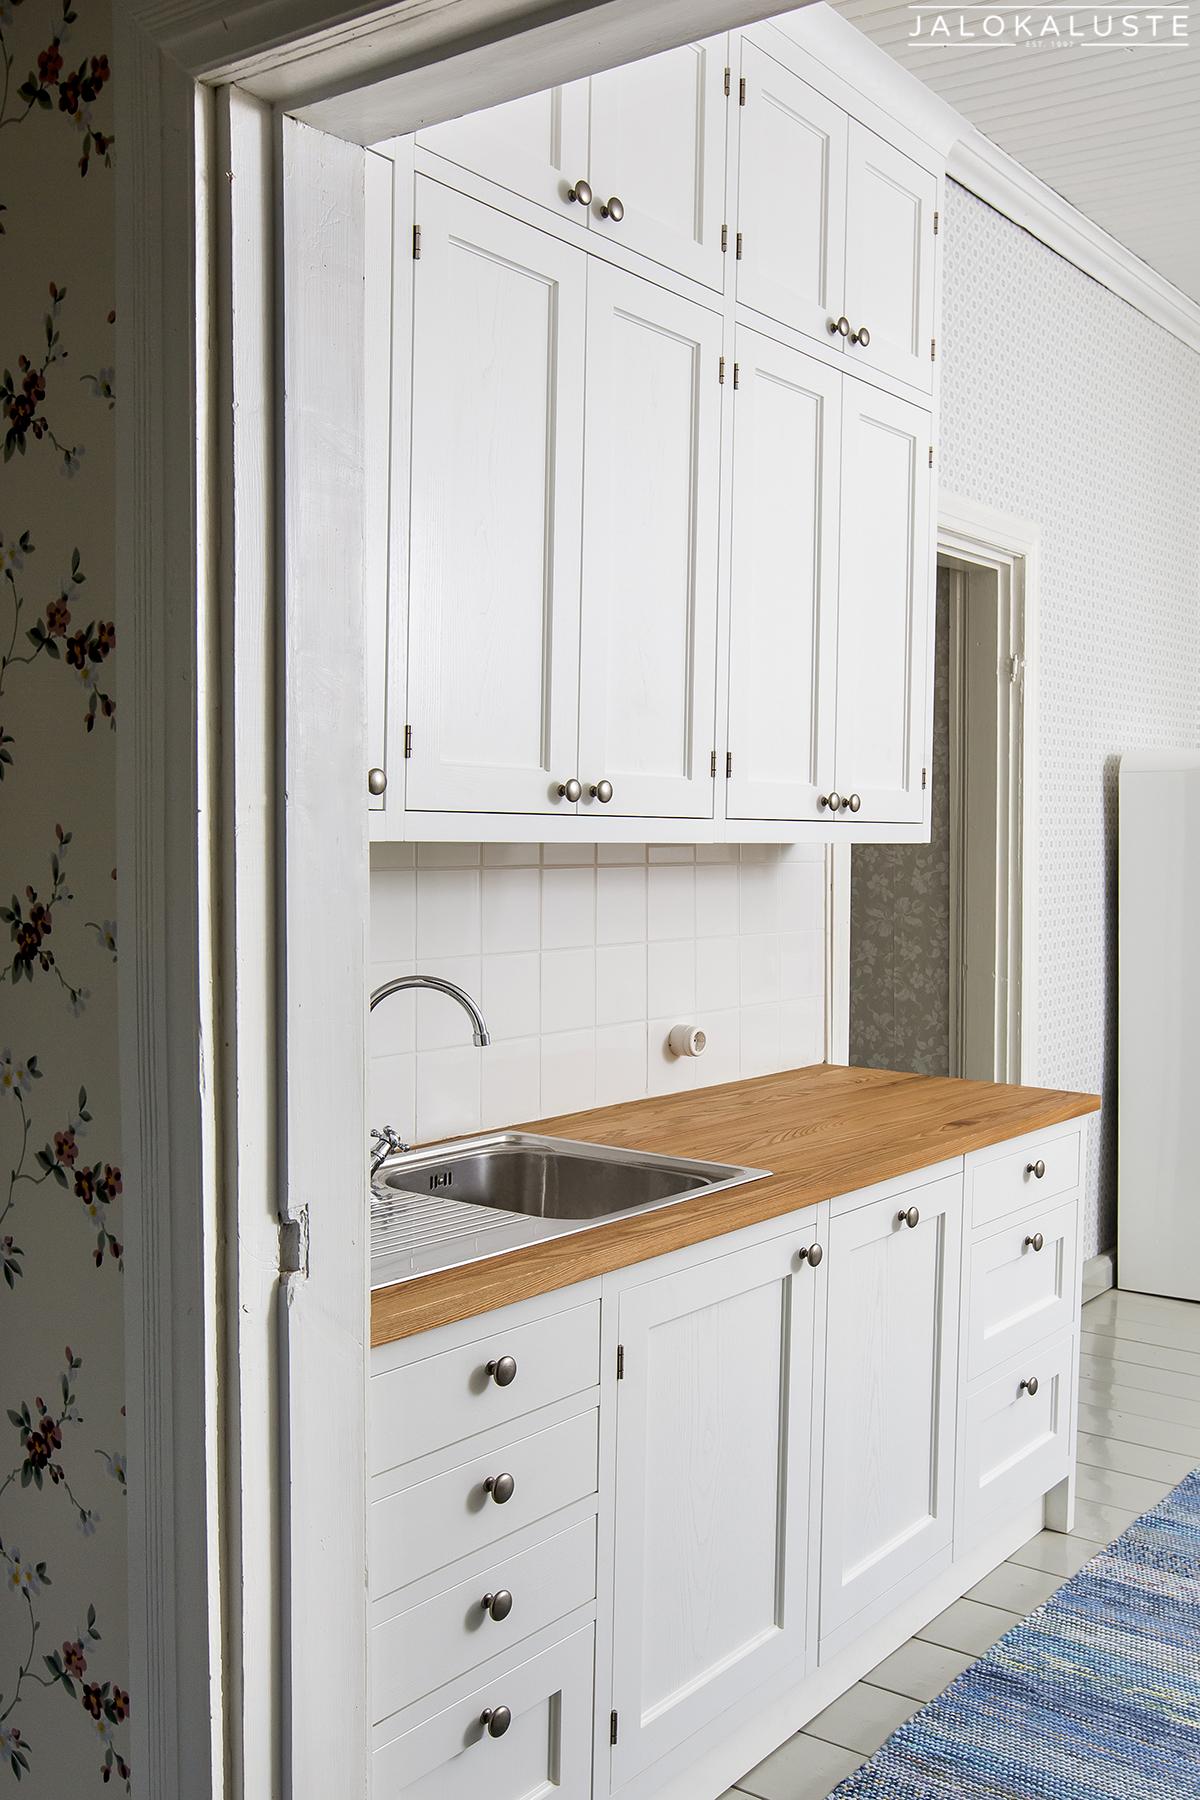 Vanhanajan keittiö Aino III 1_JALOKALUSTE.FI.jpg